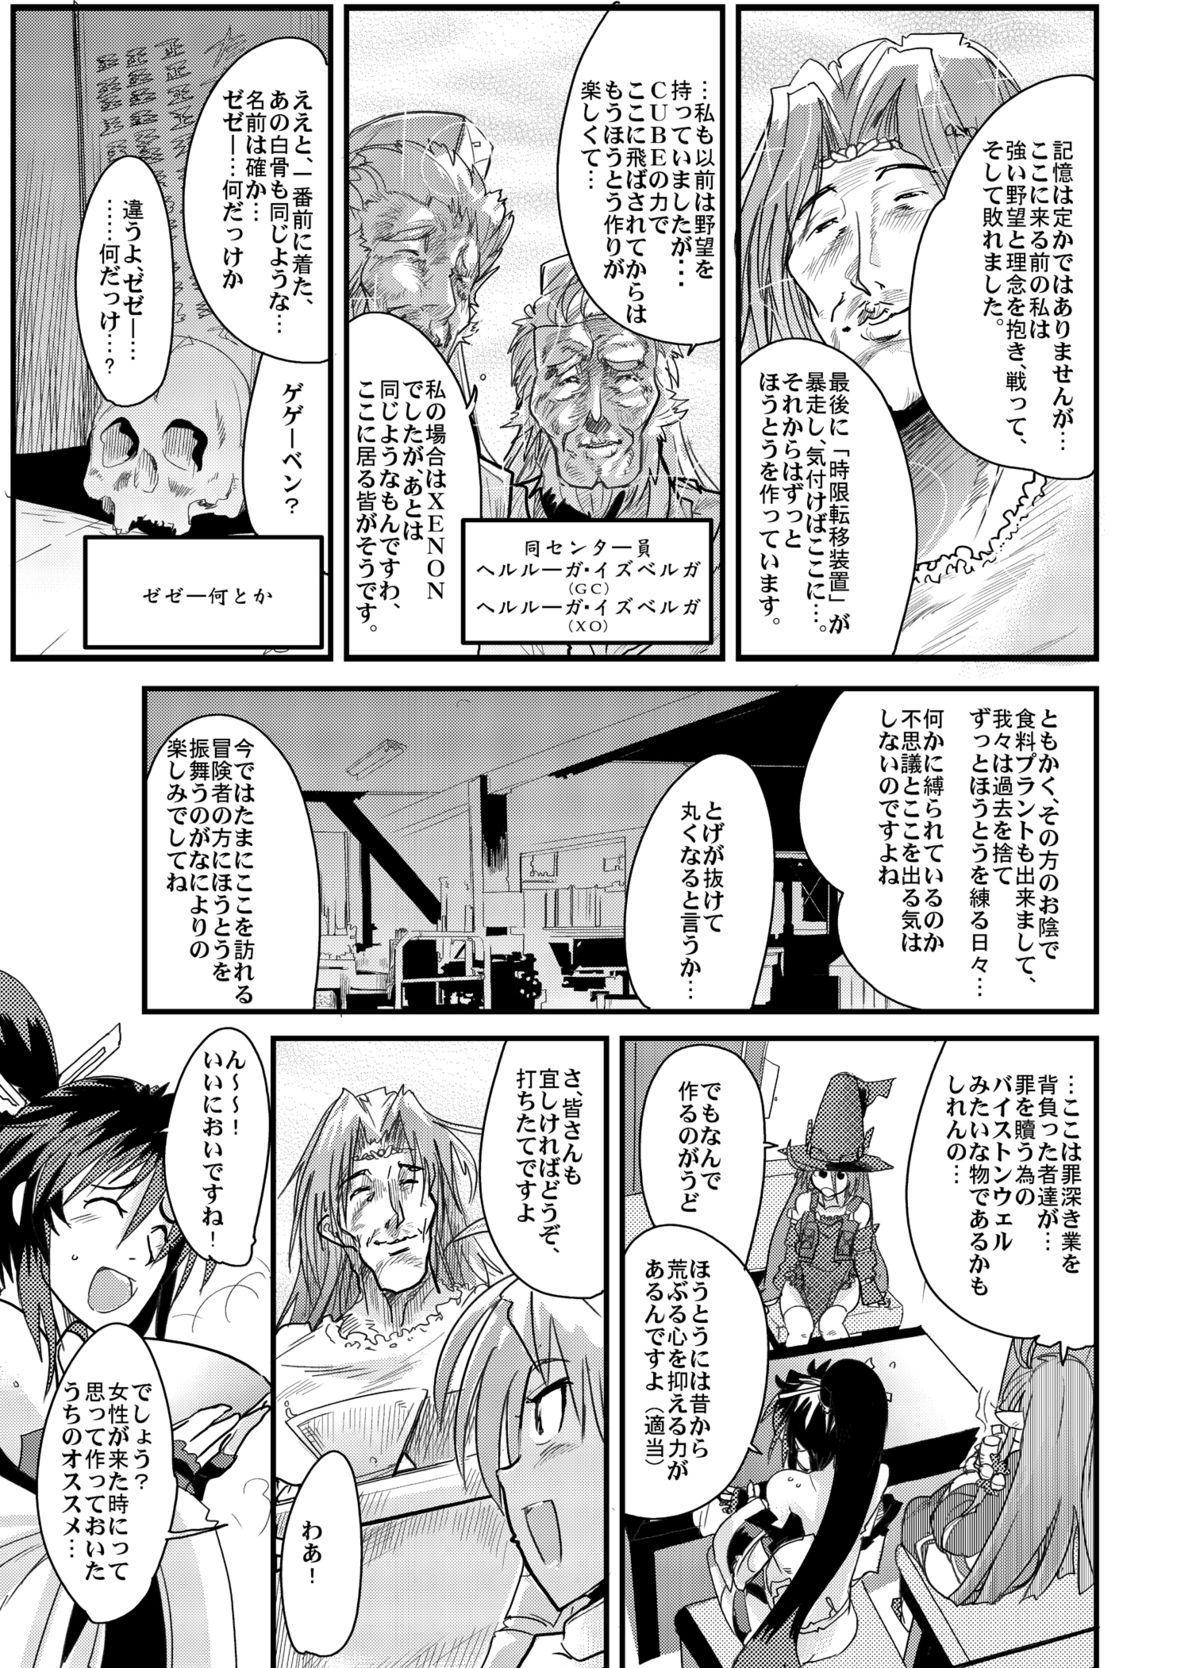 Boku no Watashi no Mugen no Super Bobobbo Taisen Frontier 5